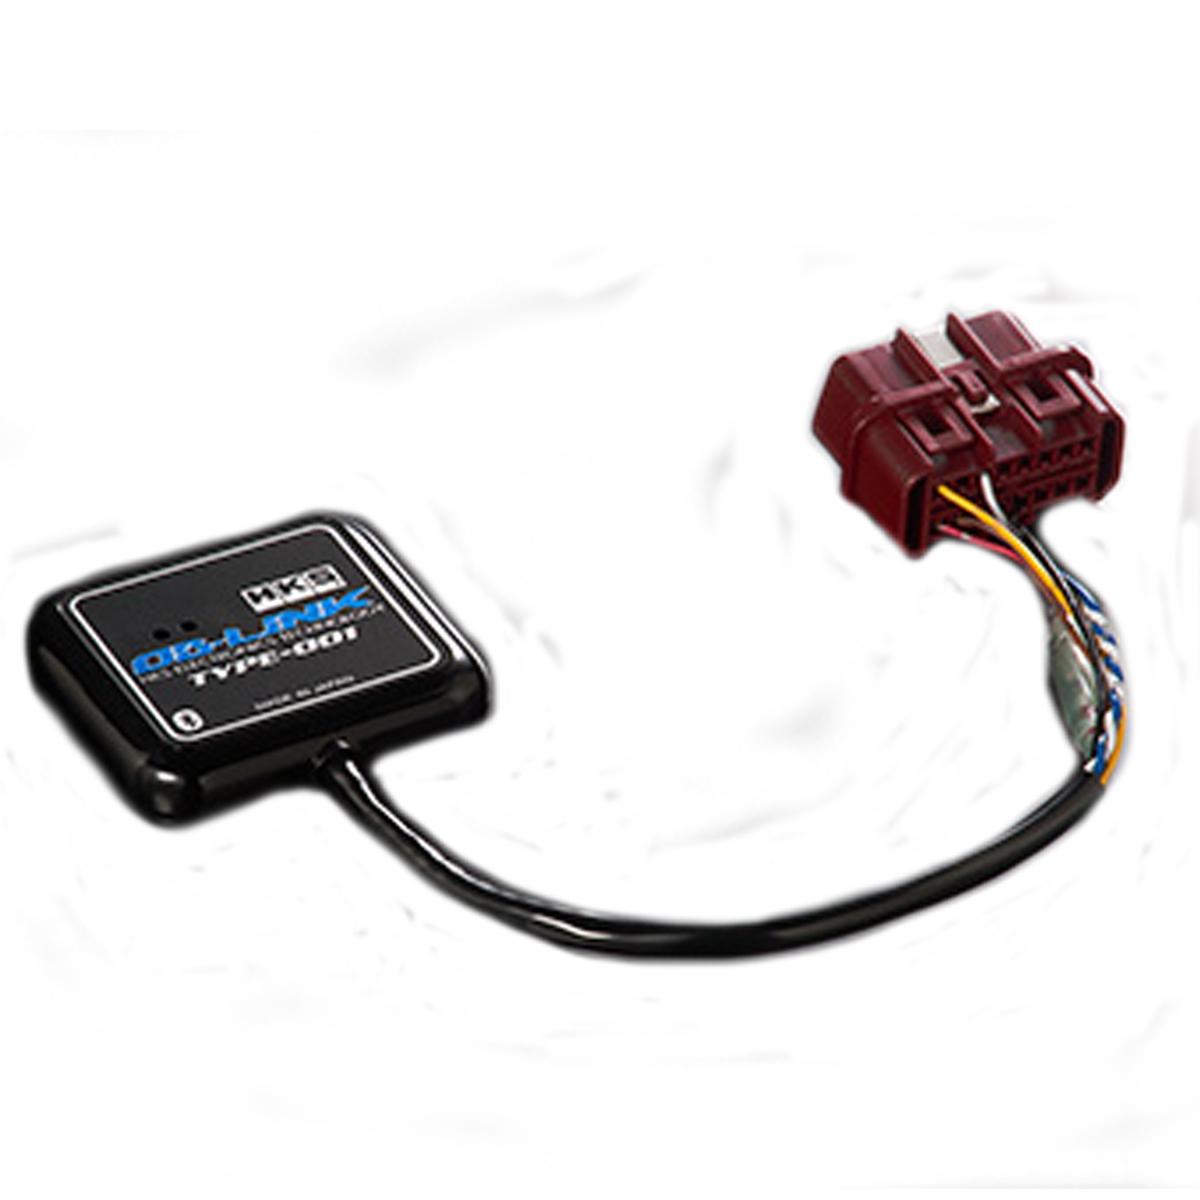 ベルタ モニター OBリンク タイプ 001 KSP92 HKS 44009-AK002 エレクトリニクス 個人宅発送追金有